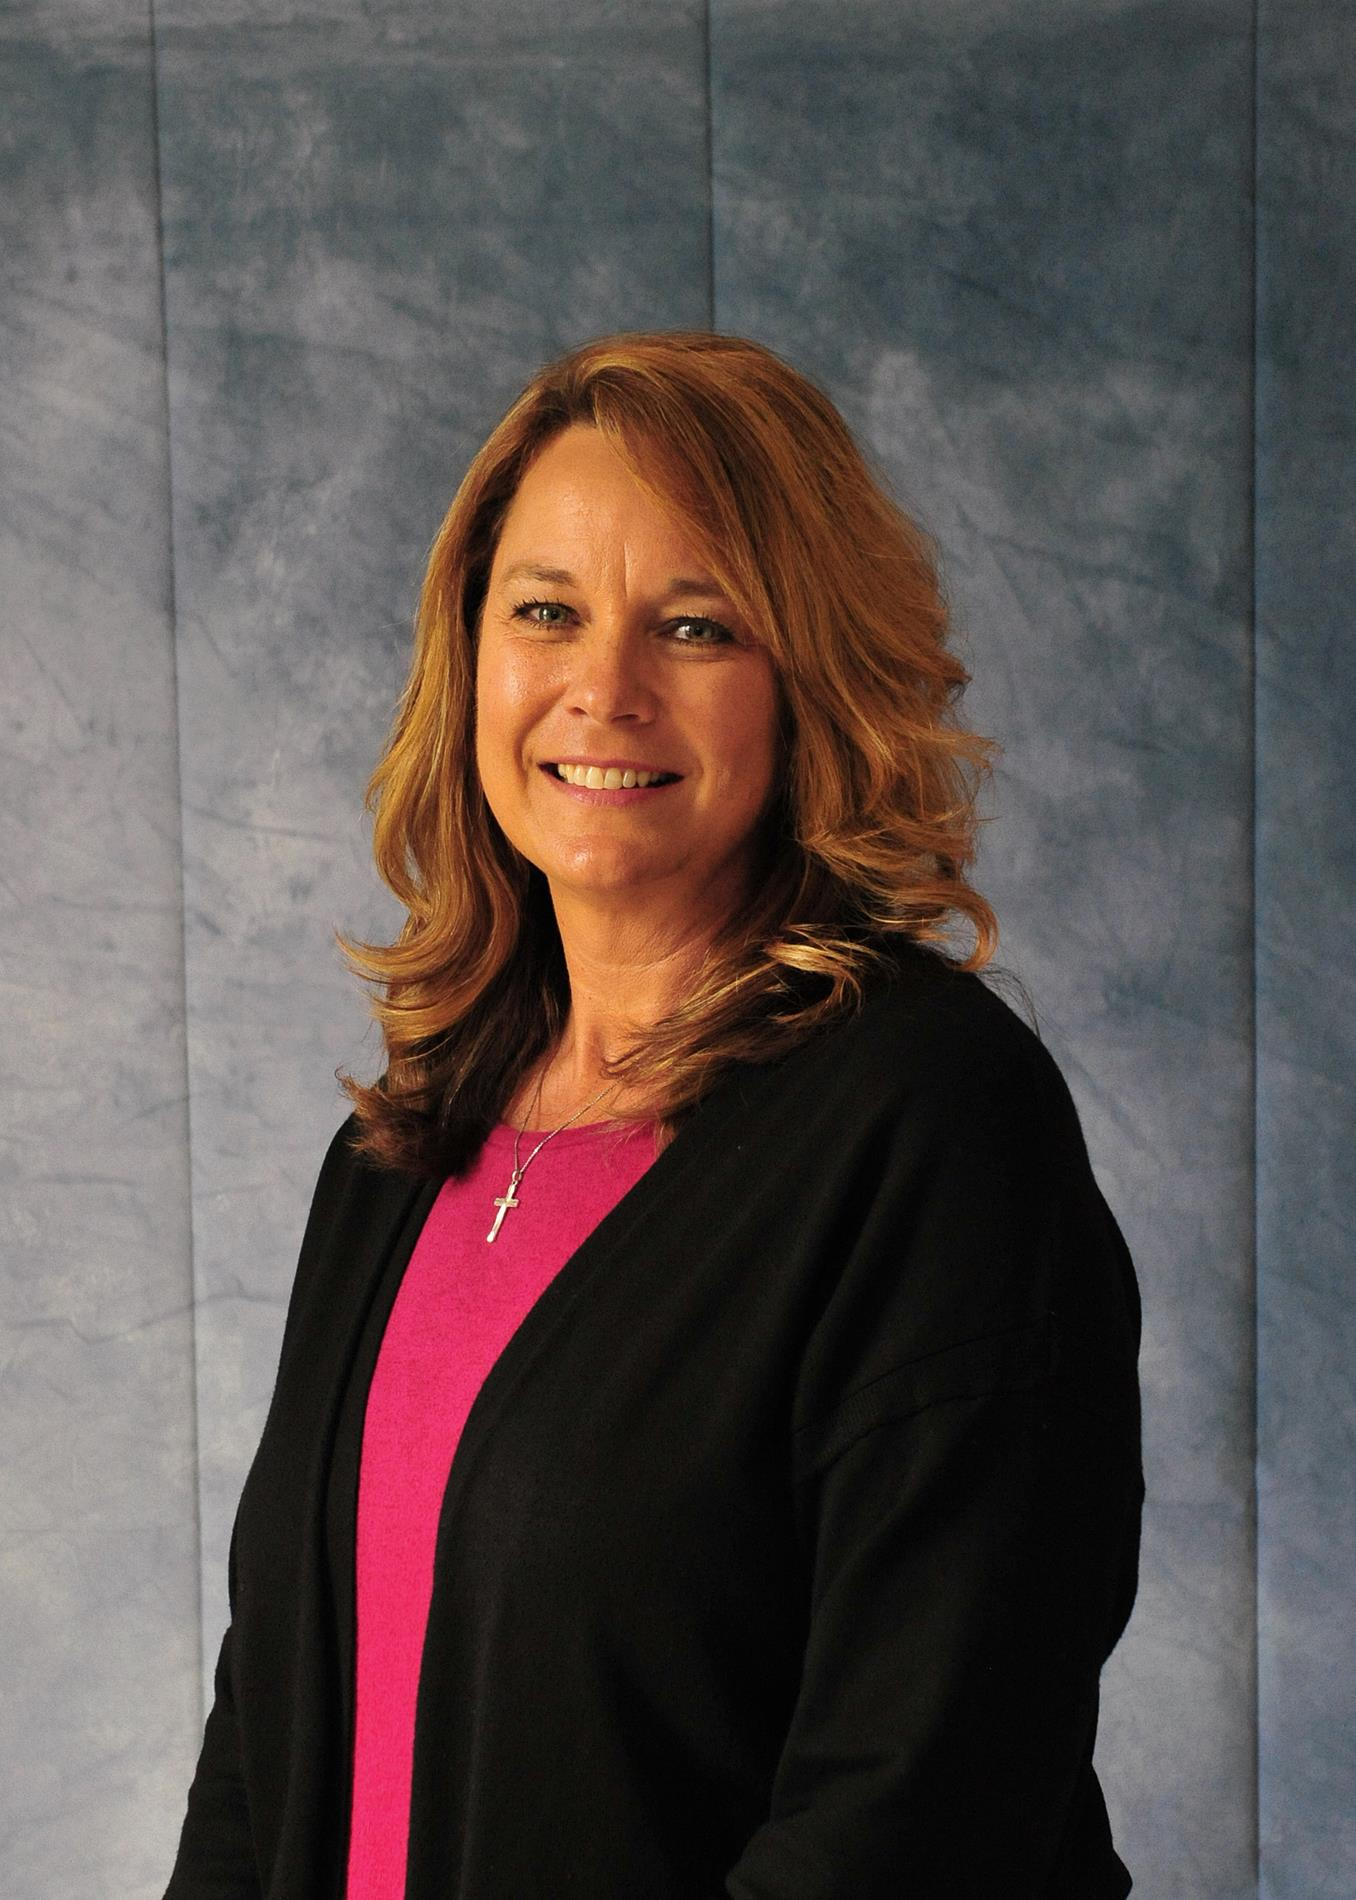 Elayne Perkins, District Lead Nurse